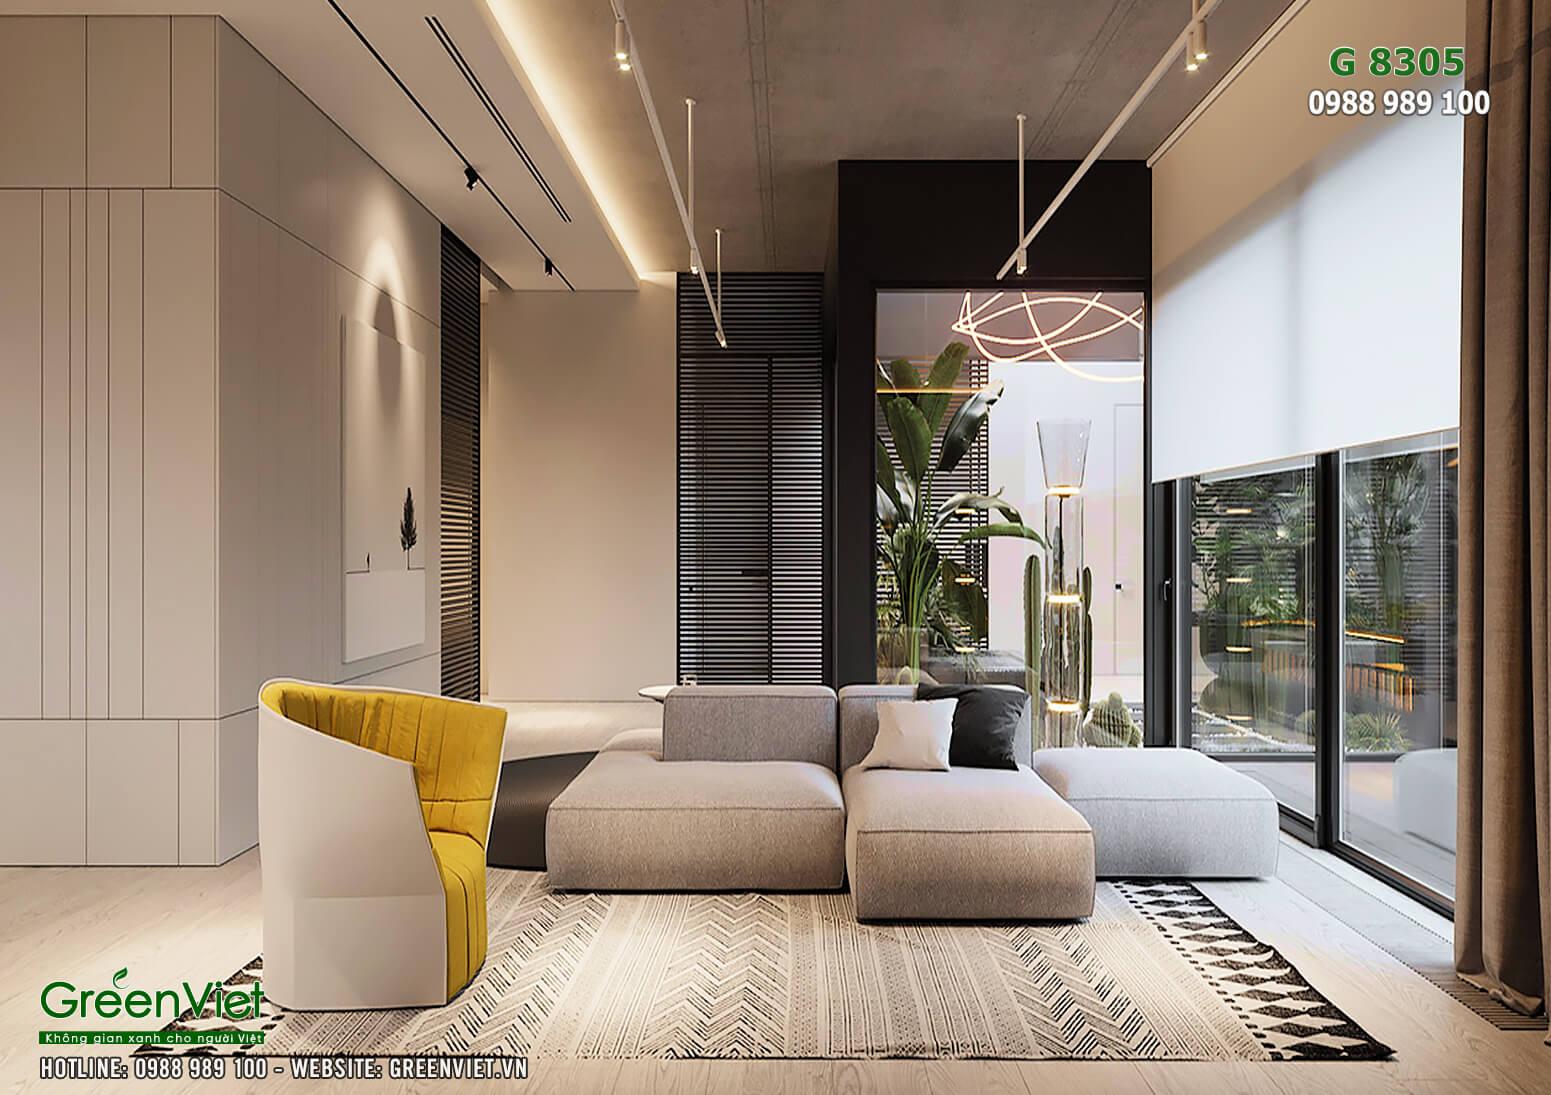 Hình ảnh: Thiết kế nội thất biệt thự hiện đại - G8305